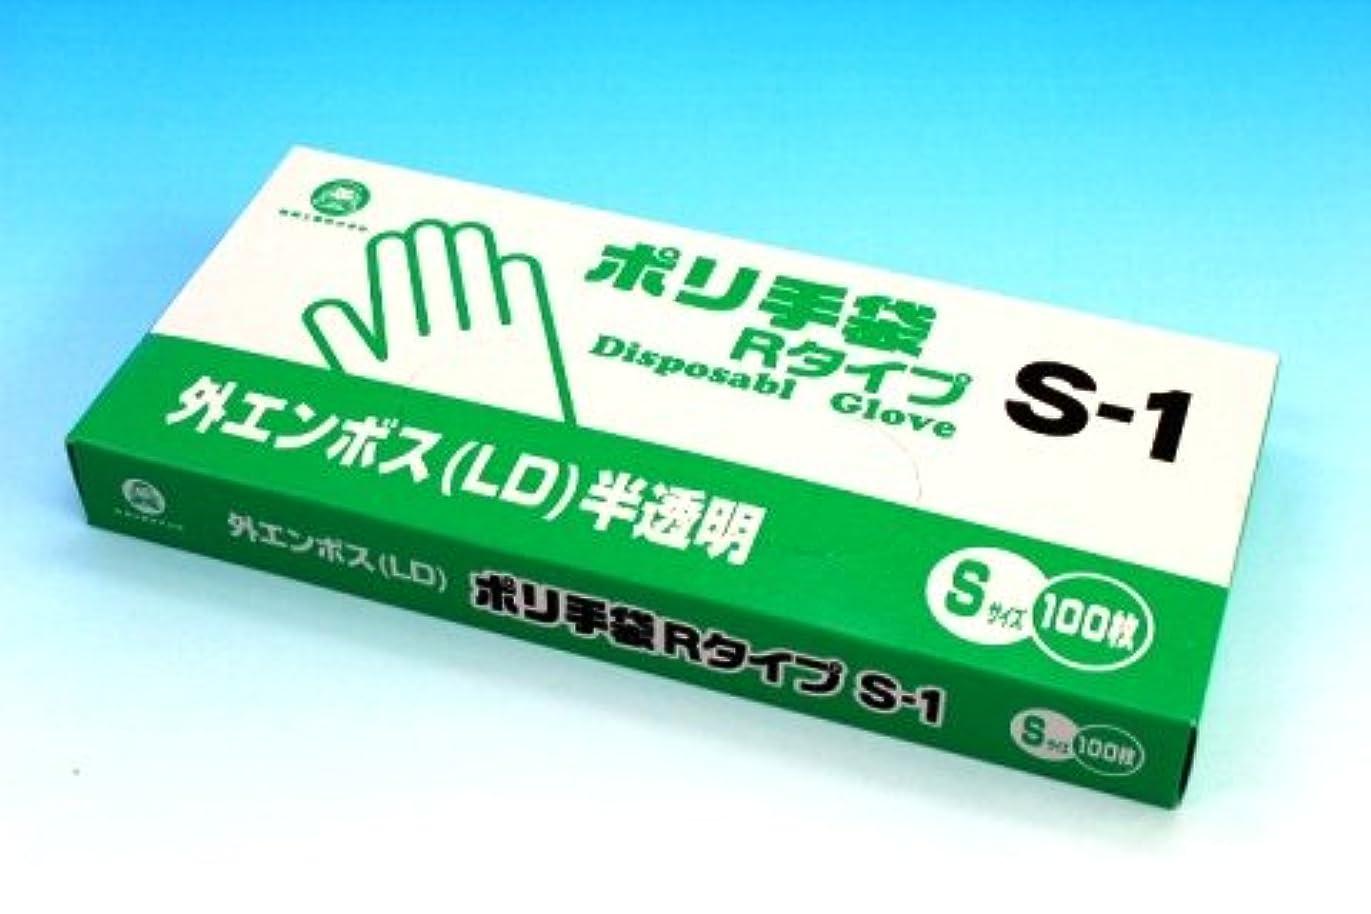 とティーム怪しいつかむポリ手袋外エンボスRタイプ S-1(100枚箱入)